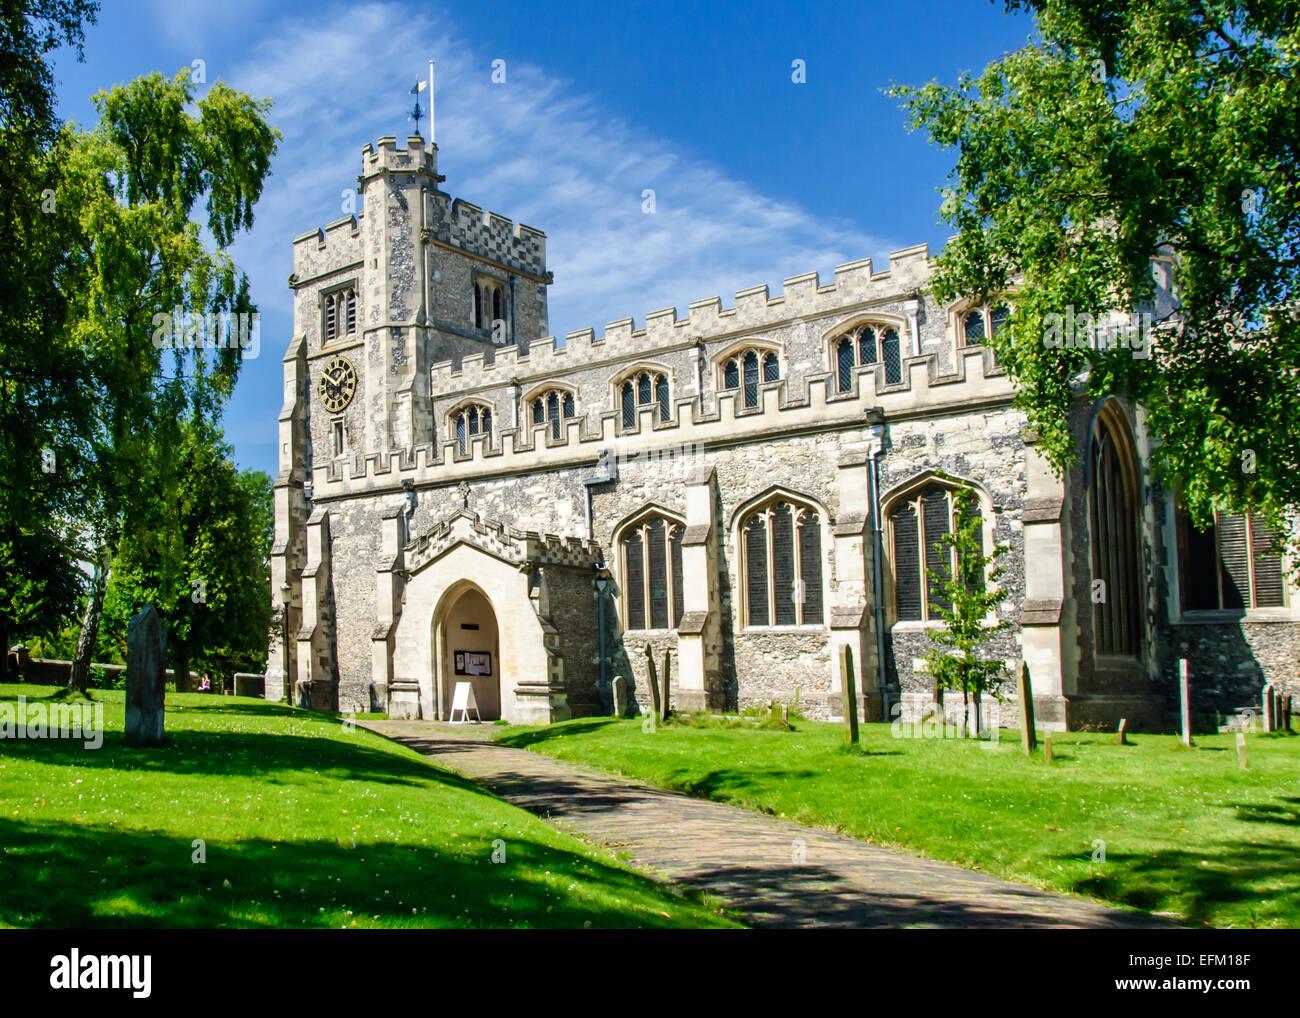 Die Pfarrkirche St. Peter & St Paul, Tring, Hertfordshire, England, Vereinigtes Königreich Stockbild